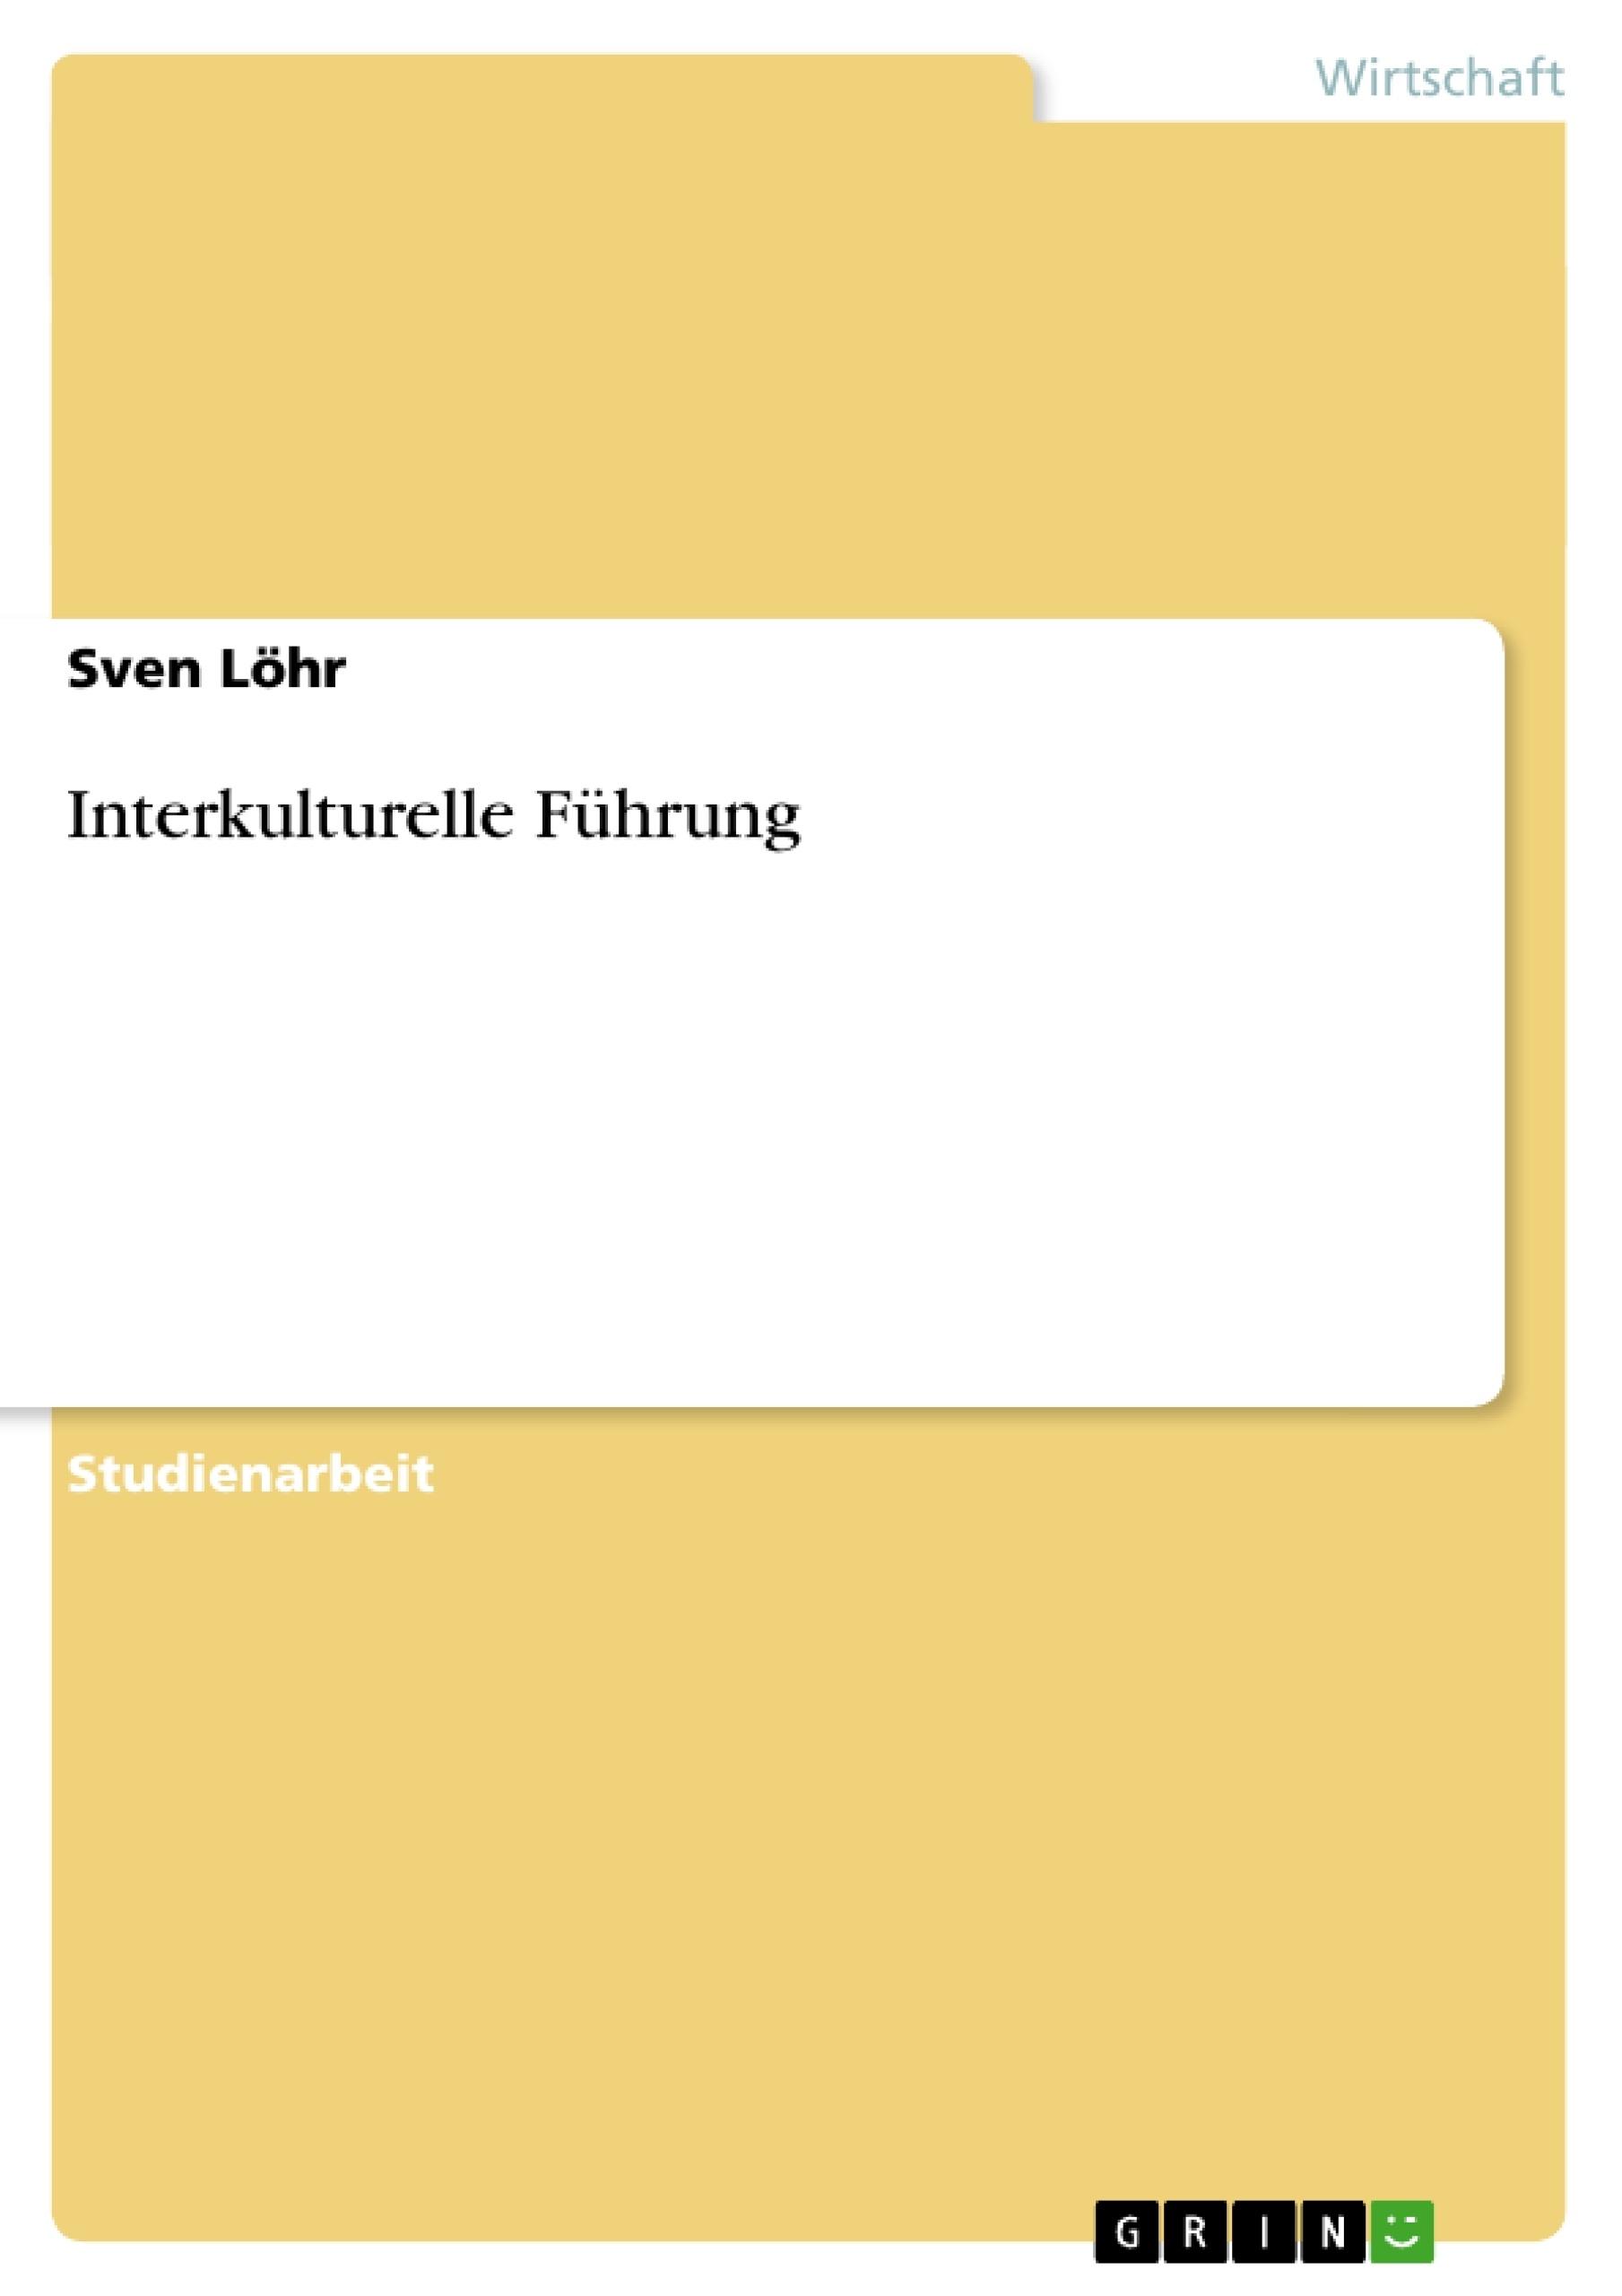 Titel: Interkulturelle Führung